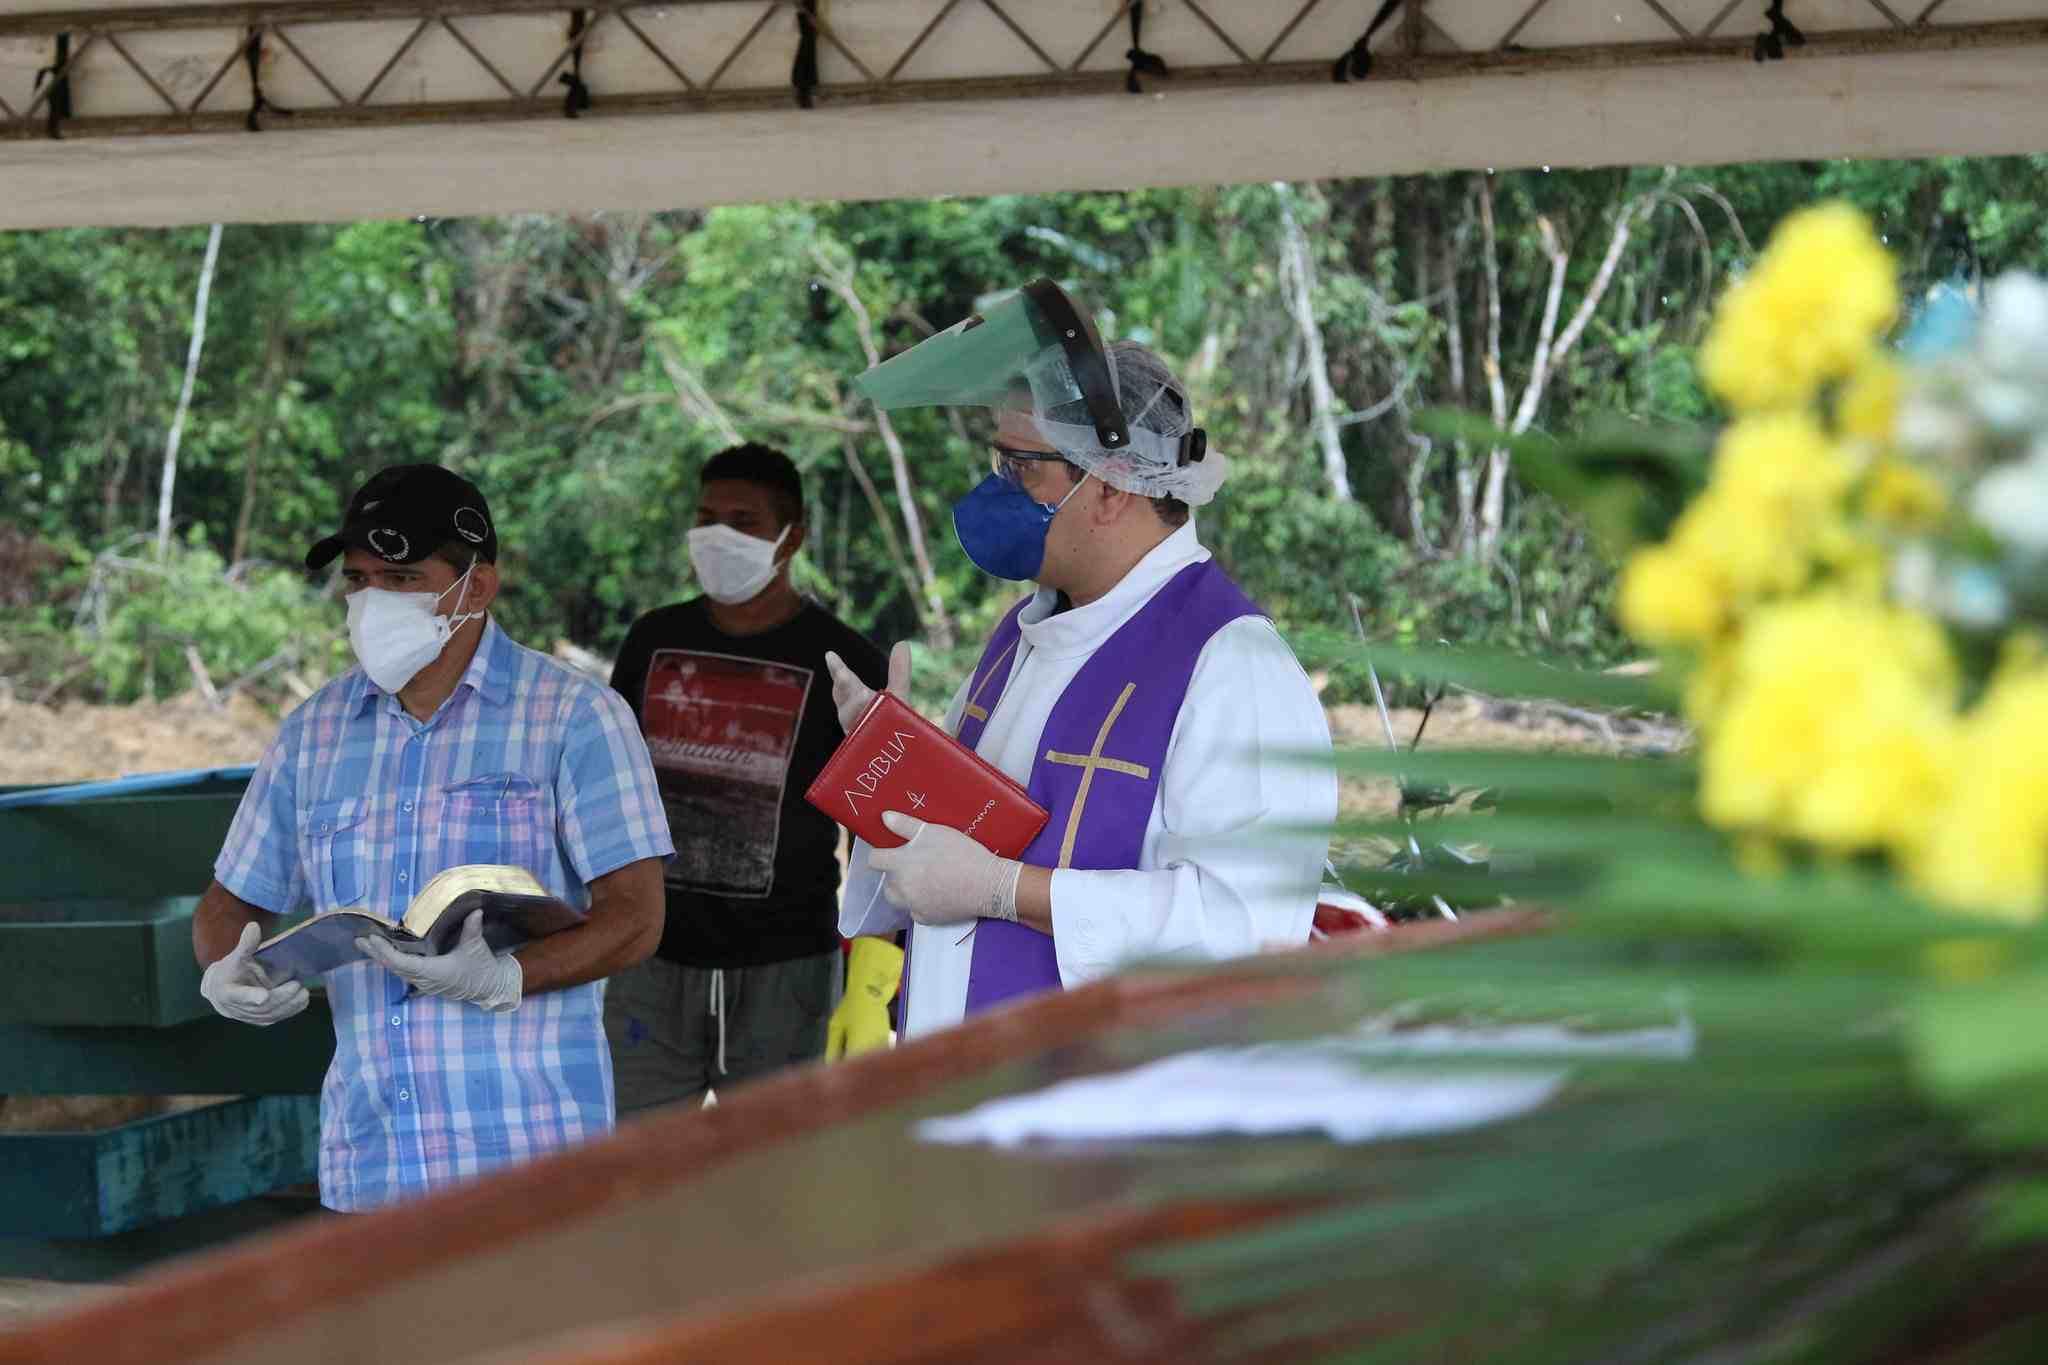 Extrema-unção coletiva em Manaus